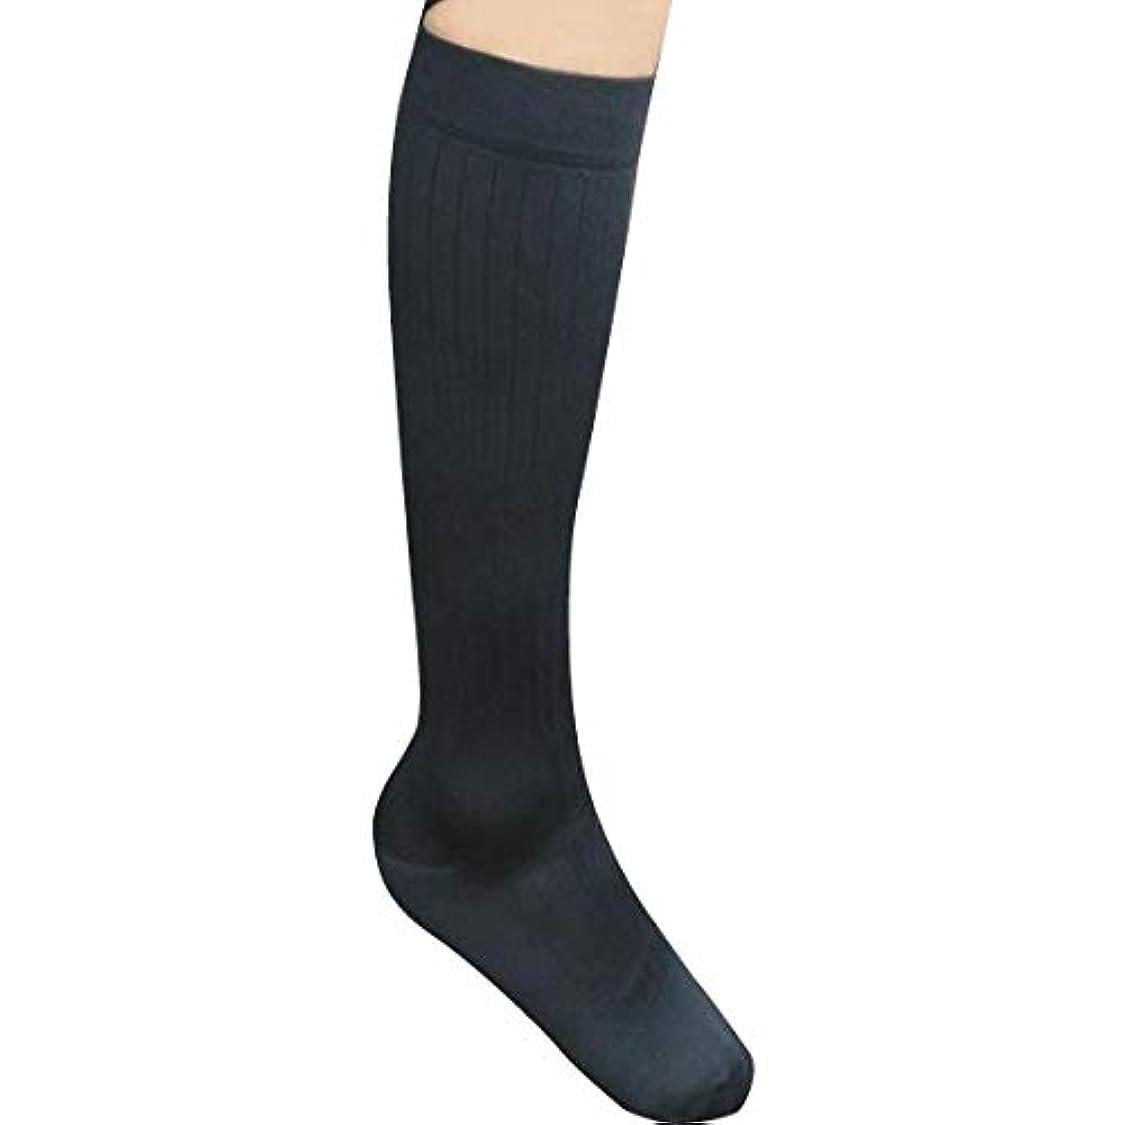 安西最初はドレス医療用弾性ストッキング レックスフィット ハイソックス マイクロファイバー&コットン ネイビー 弱圧 爪先あり (XS)